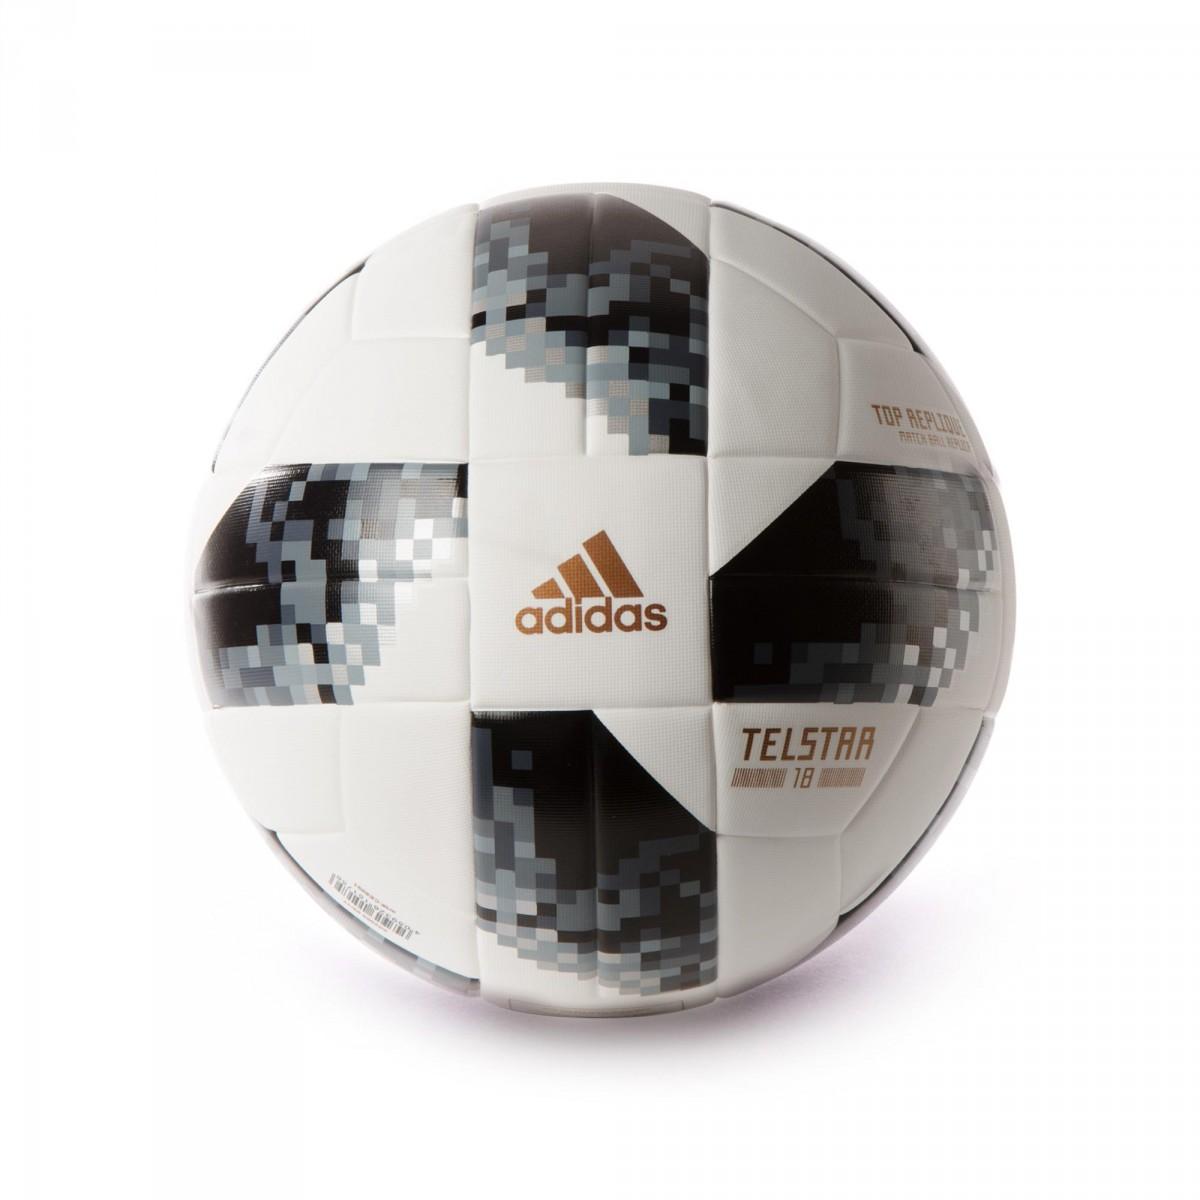 e8ece0b54 adidas World Cup Top Replique Telstar Ball. White-Black-Silver metallic ...